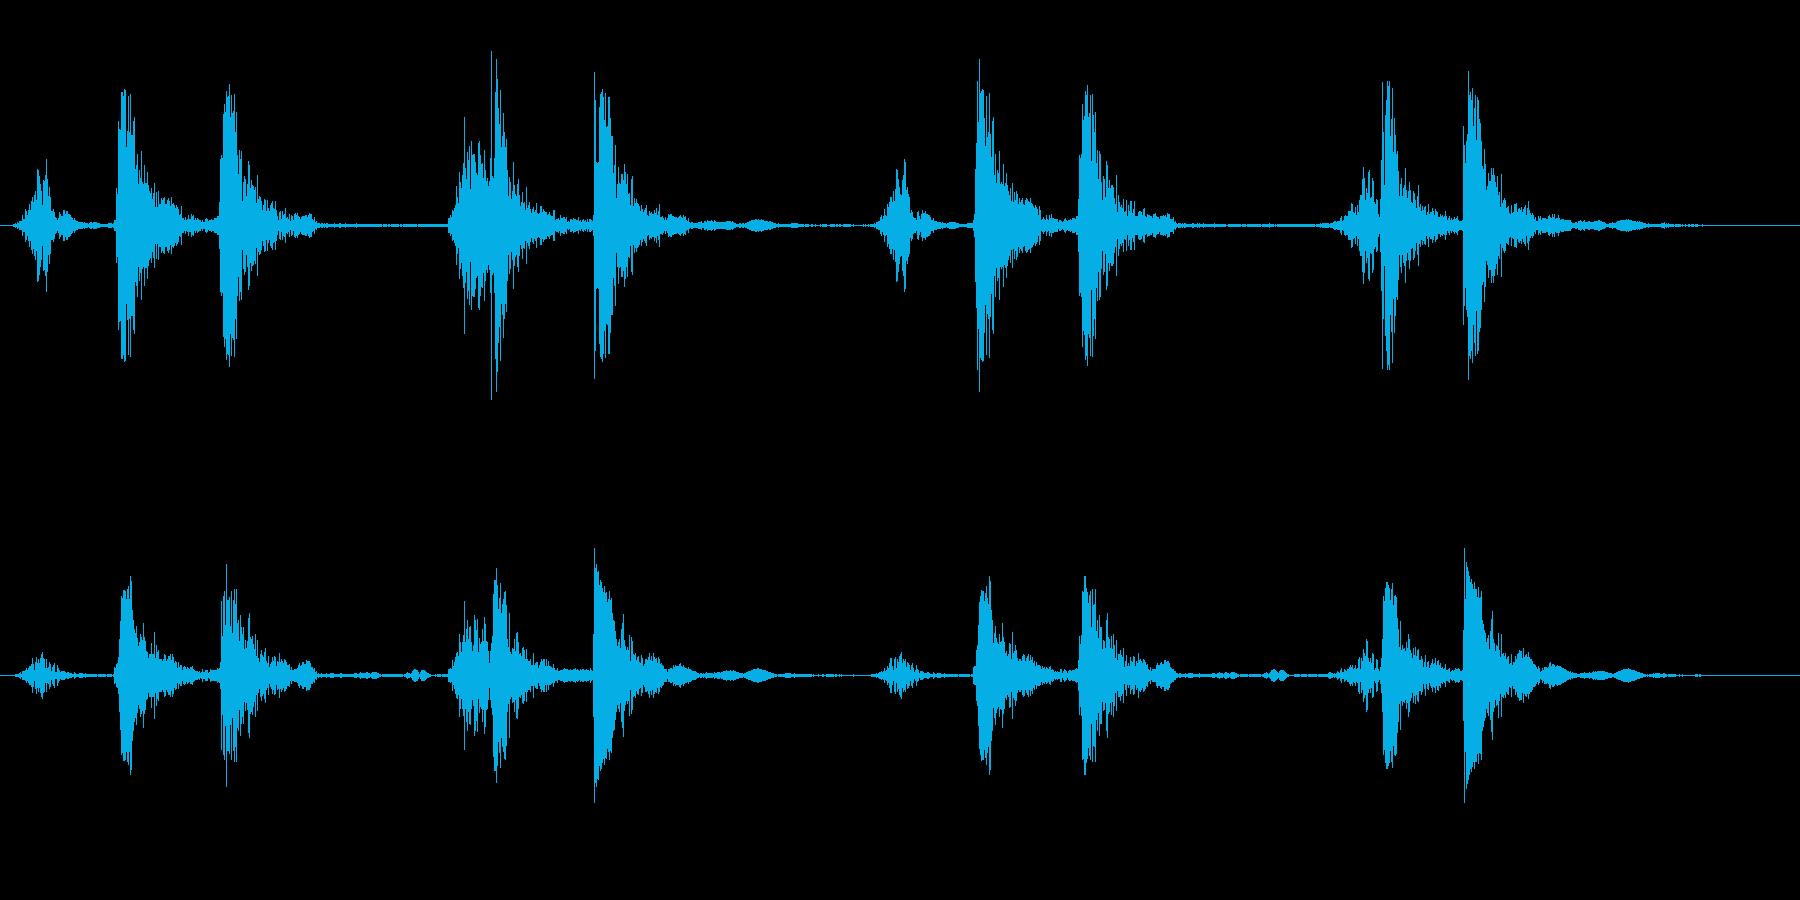 リズミカルで軽い音が連続している効果音の再生済みの波形